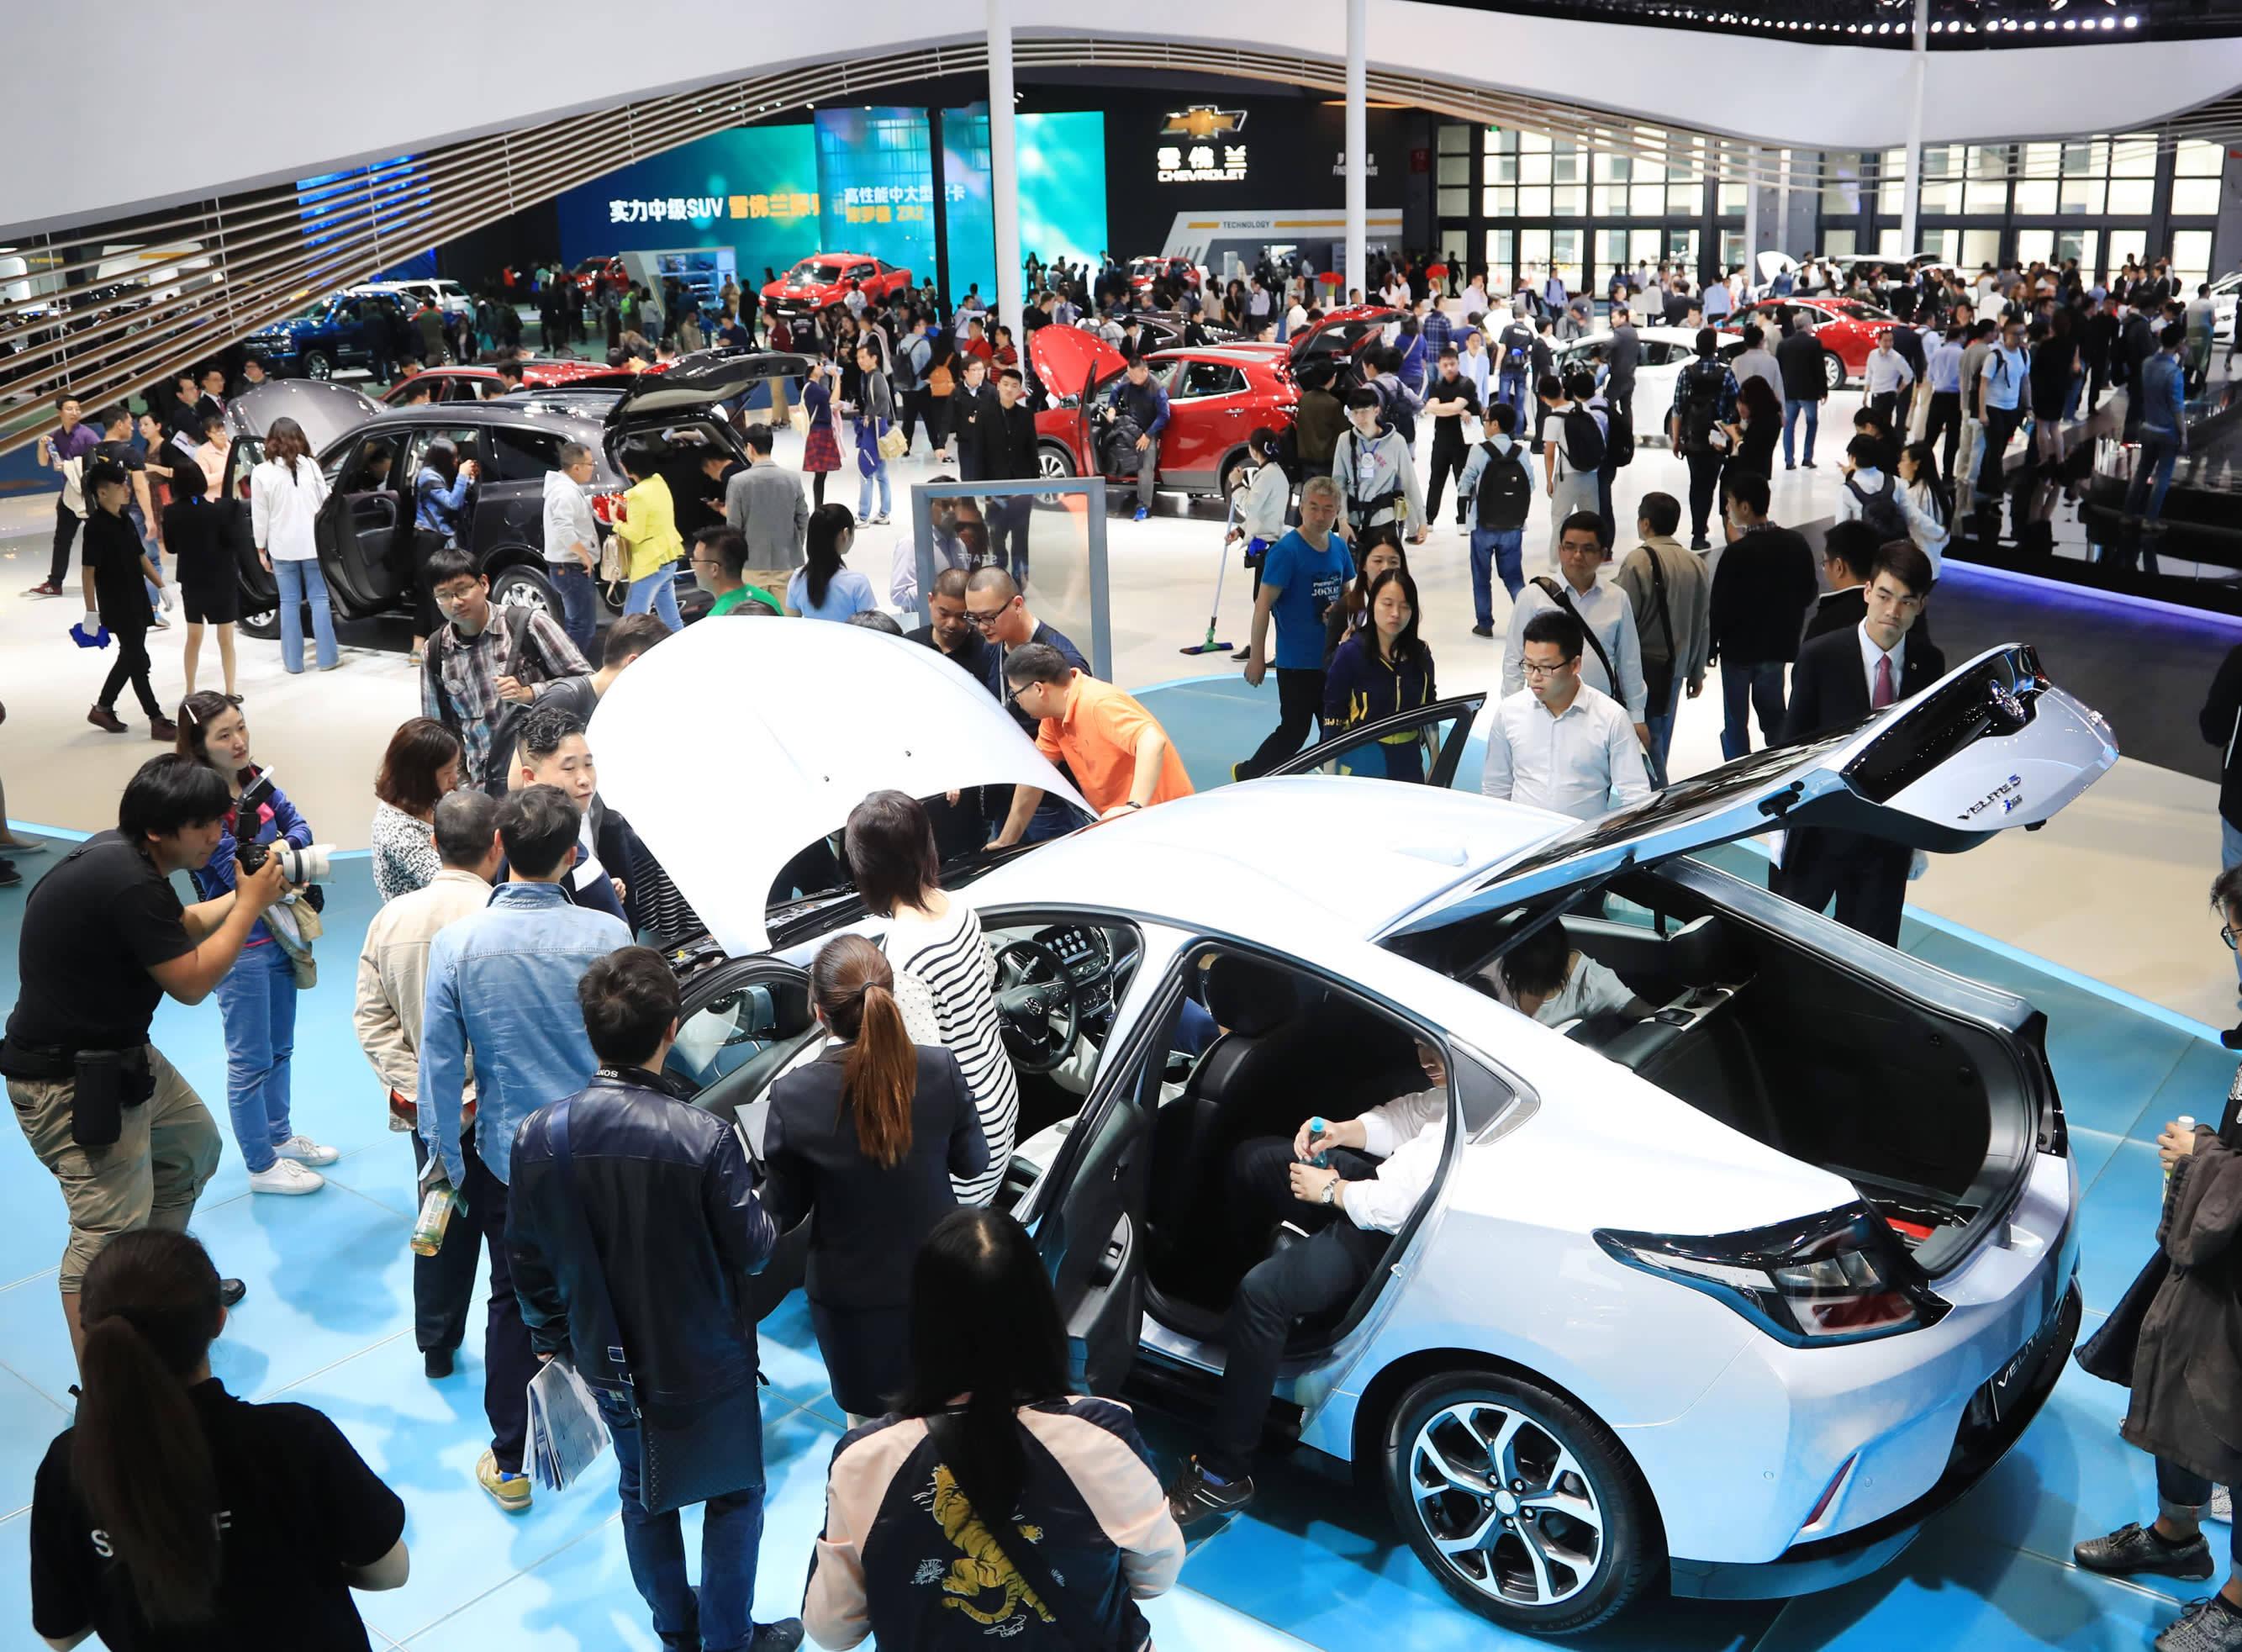 原本的欧美汽车市场表现惨淡,2020年跌幅超过两位数。中国汽车市场脱颖而出